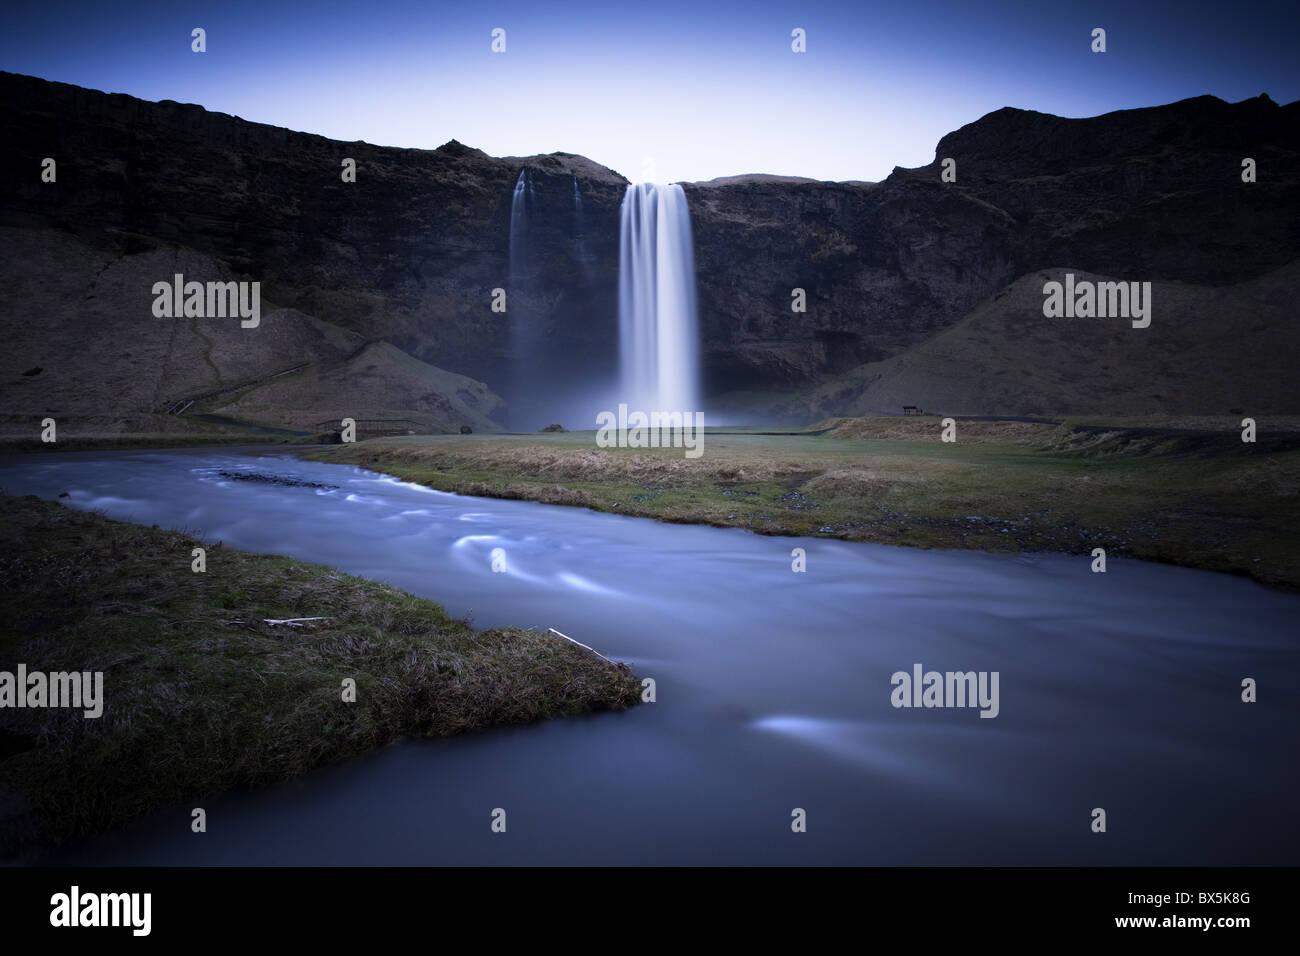 Cascata Seljalandsfoss catturato al crepuscolo mediante esposizione a lungo per registrare il movimento in acqua, Immagini Stock